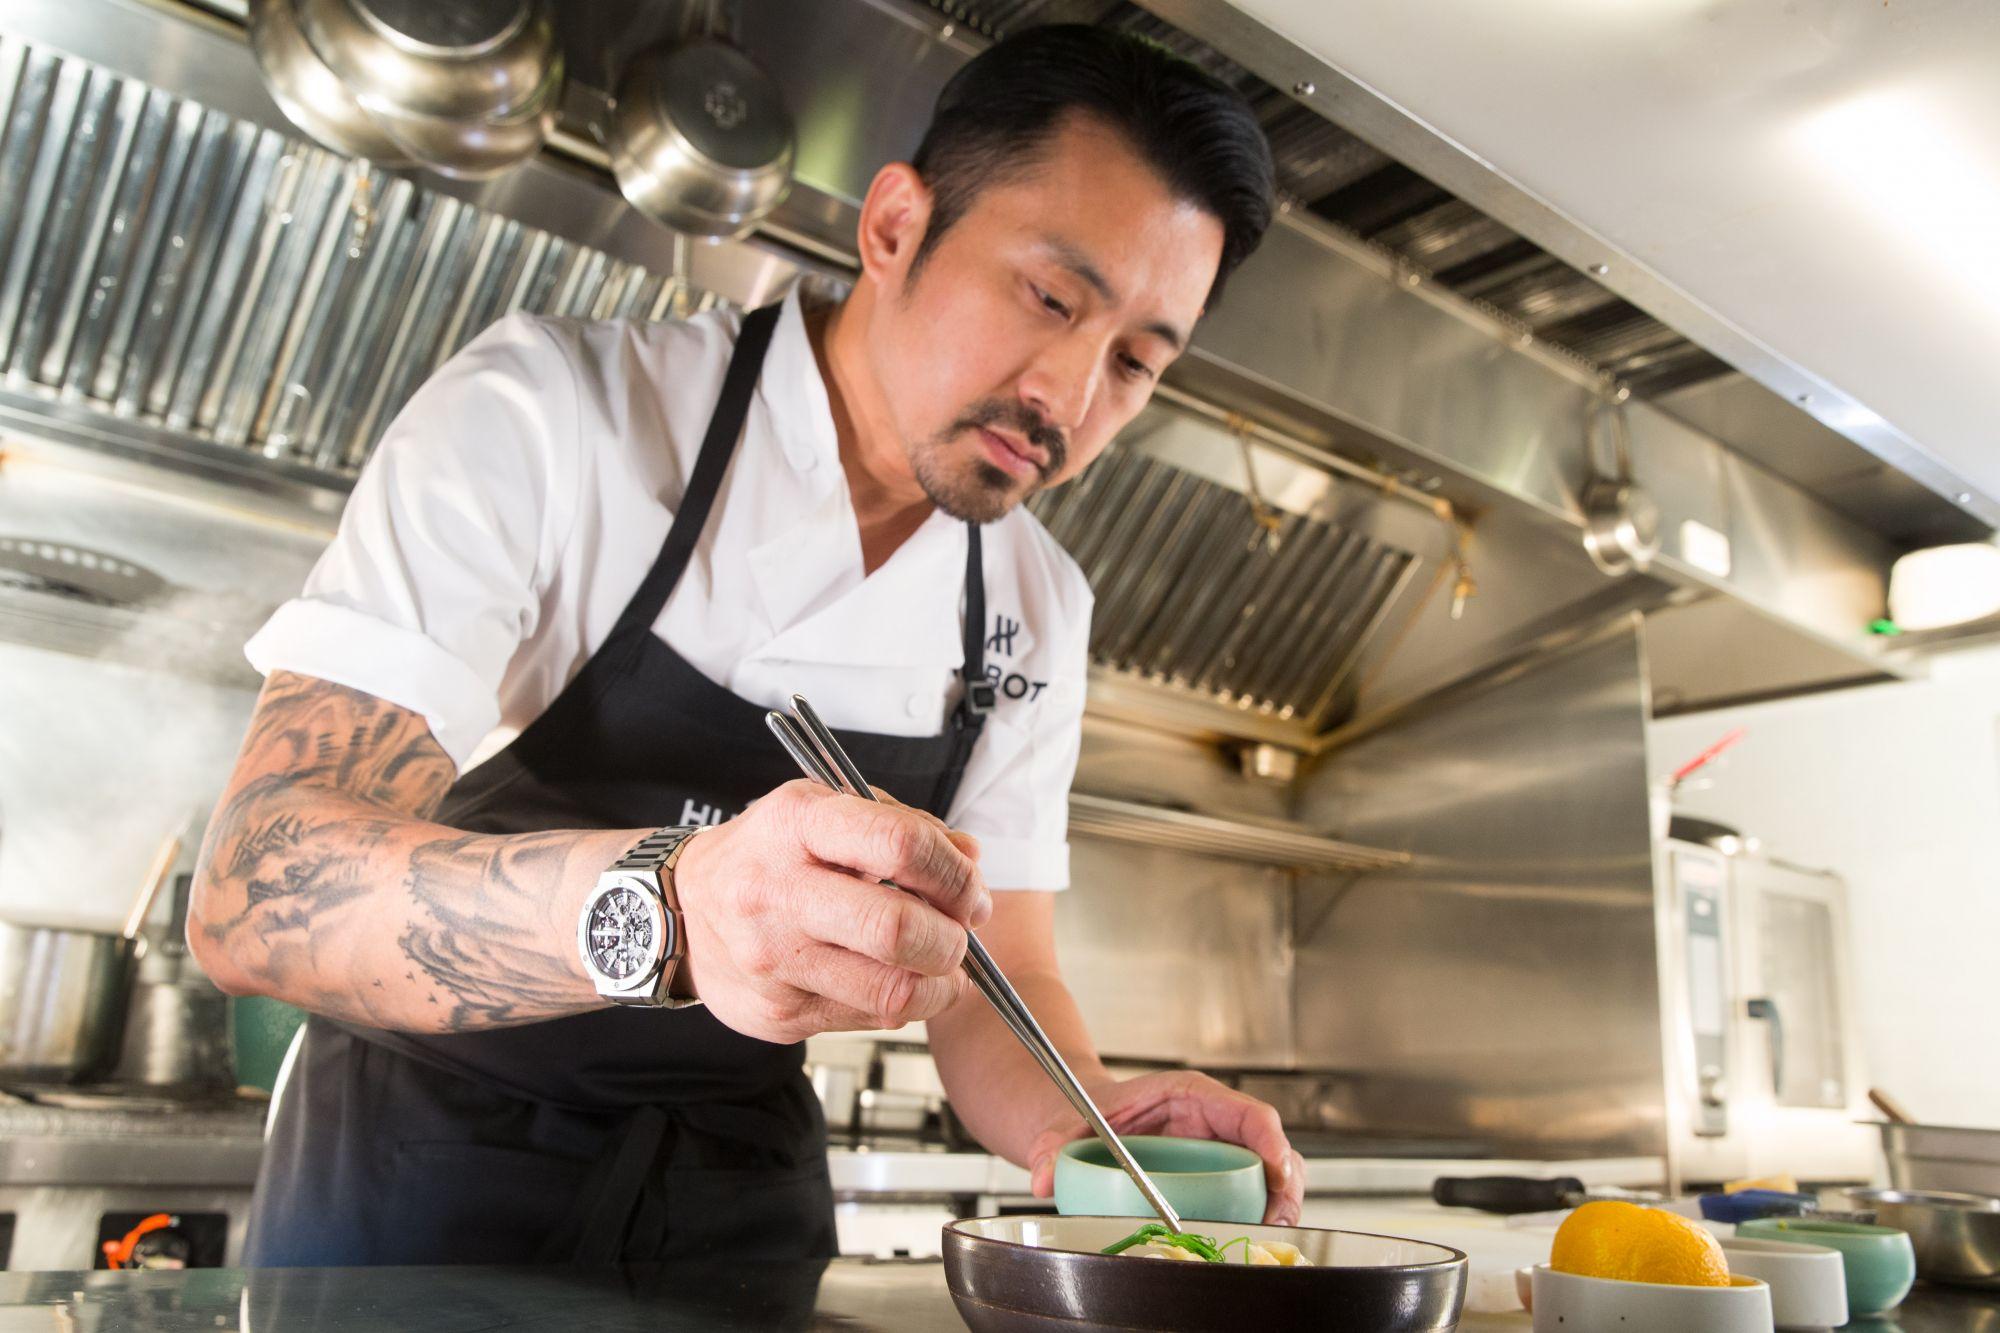 料理也是一門藝術!米其林星級主廚林明健攜手Hublot宇舶錶展現融合的藝術——「我覺得藝術應該是在生活當中去尋找」